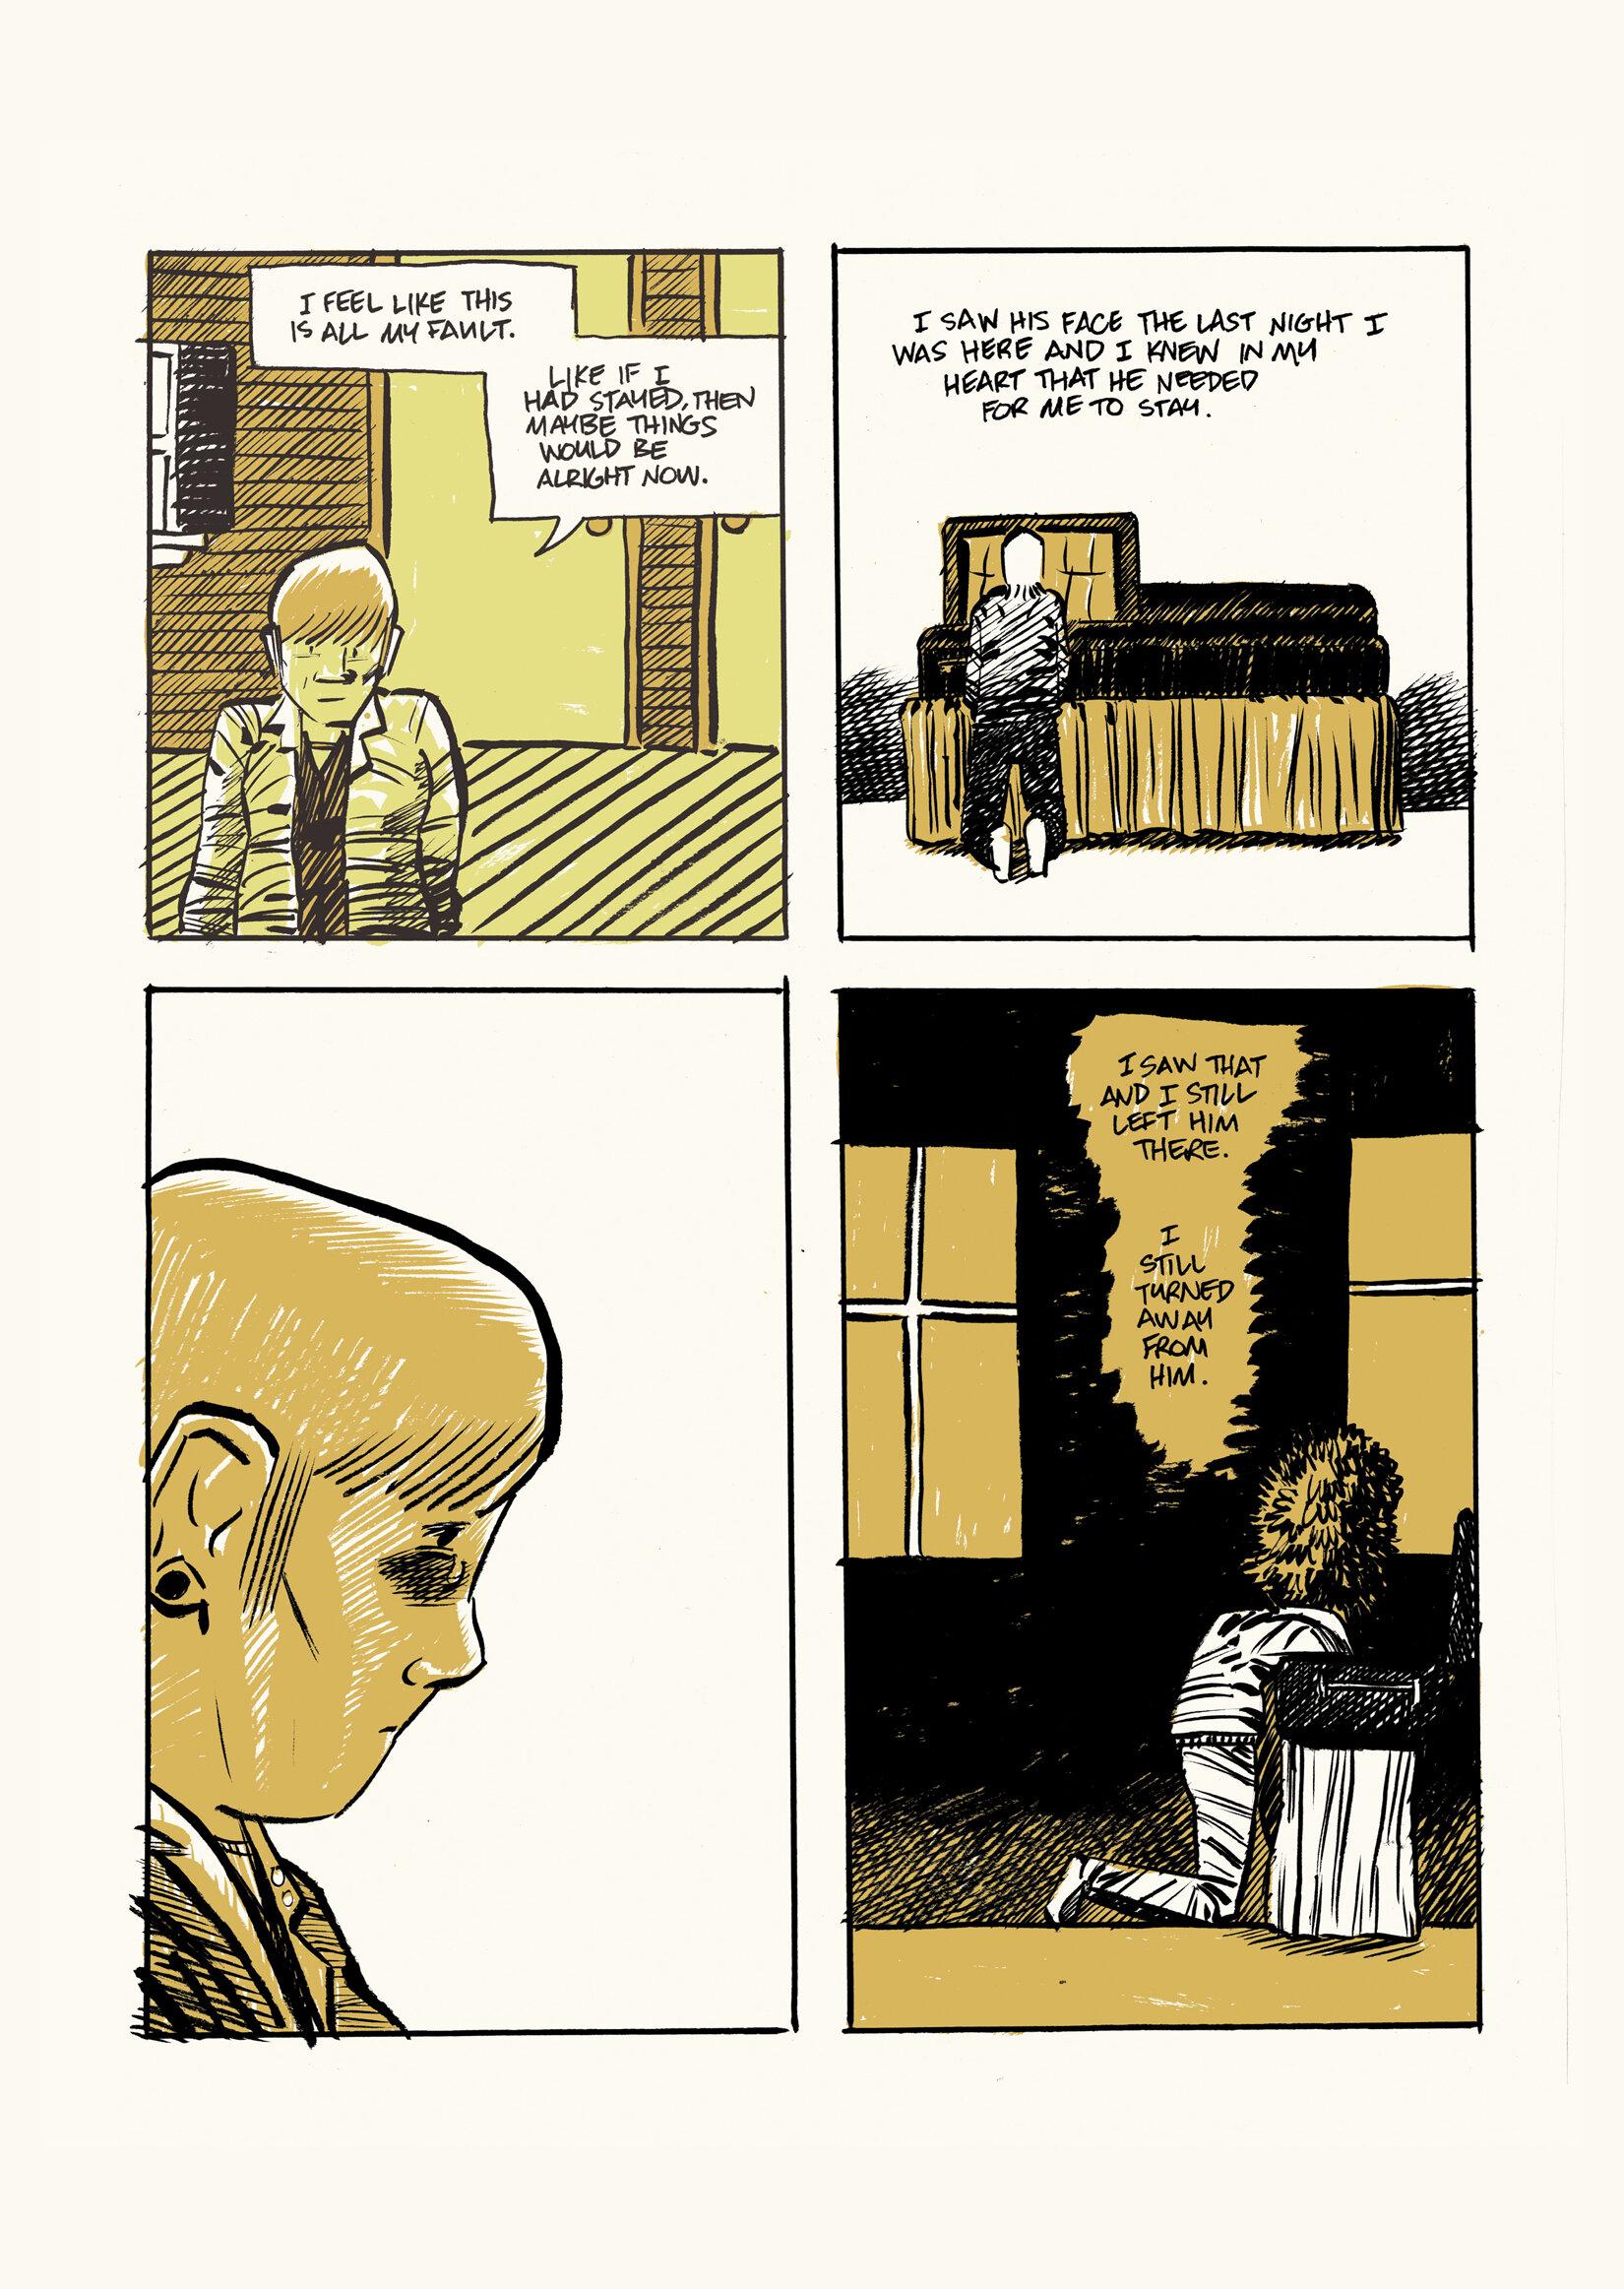 G Page 021.jpg